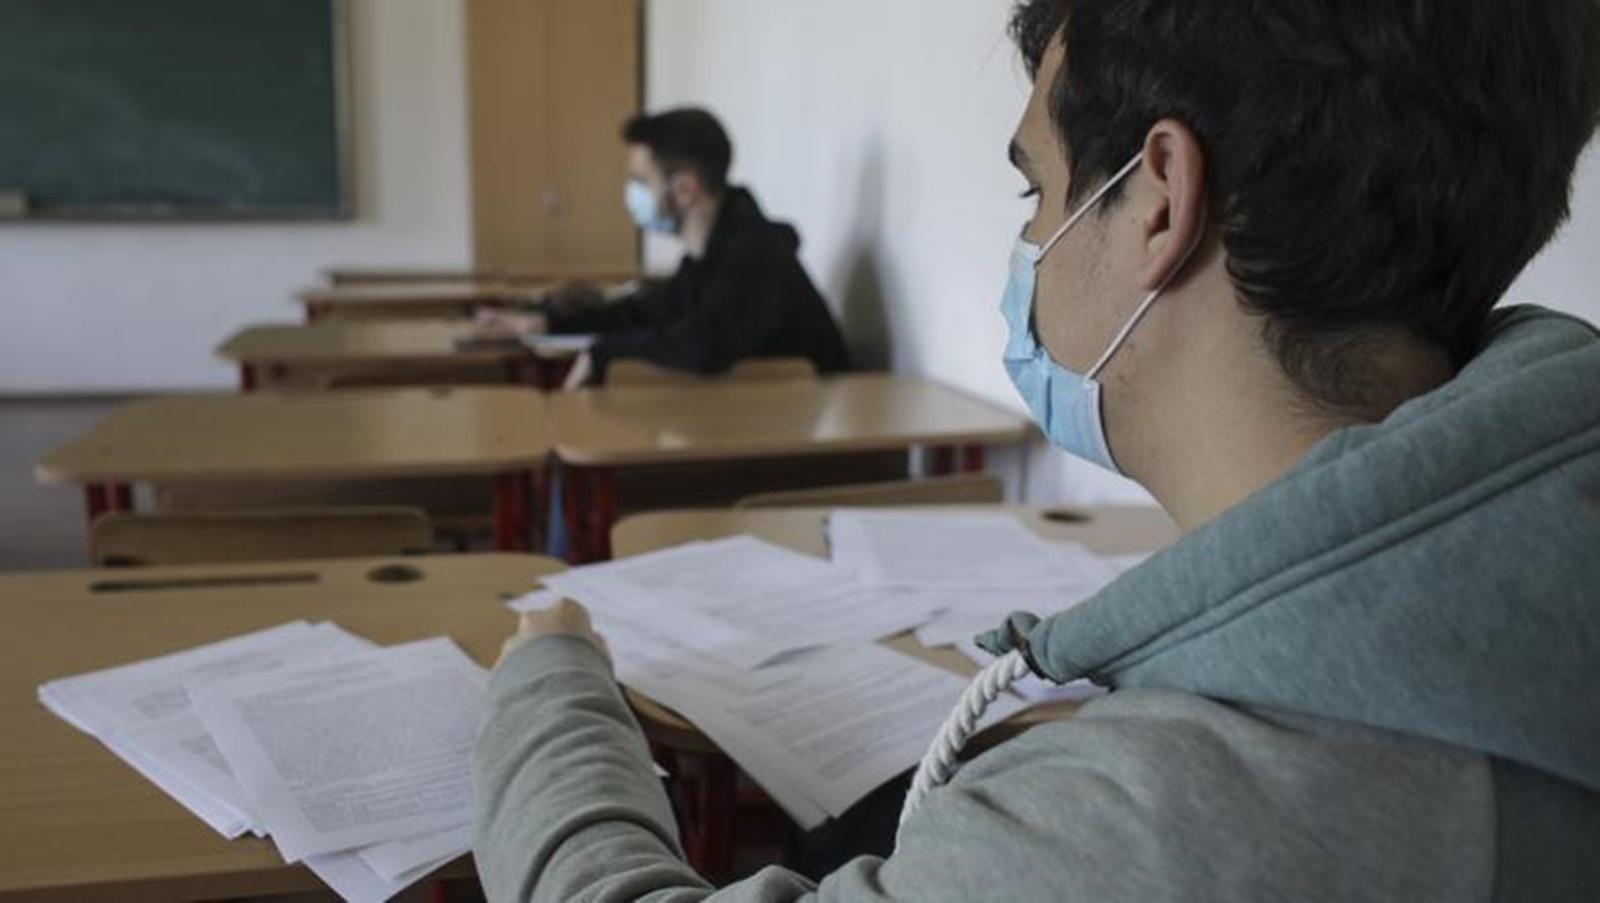 Începe sesiunea de toamnă a examenului de Bacalaureat! S-au înscris peste 42.000 de elevi